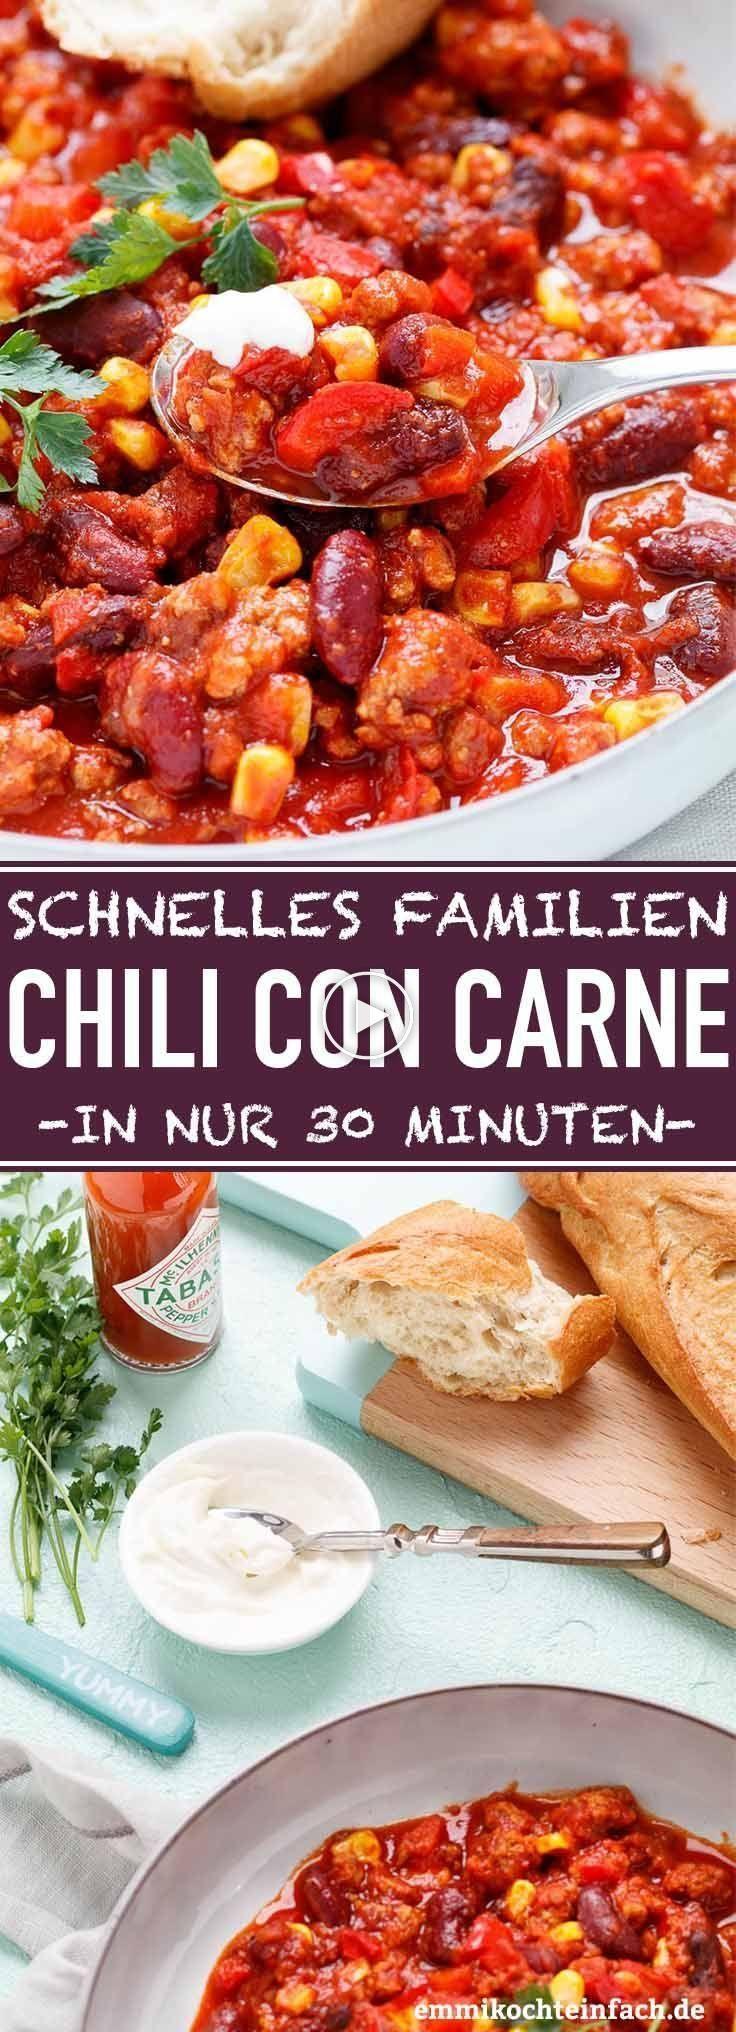 Quick chili con carne   idéal pour les familles   facile à ...